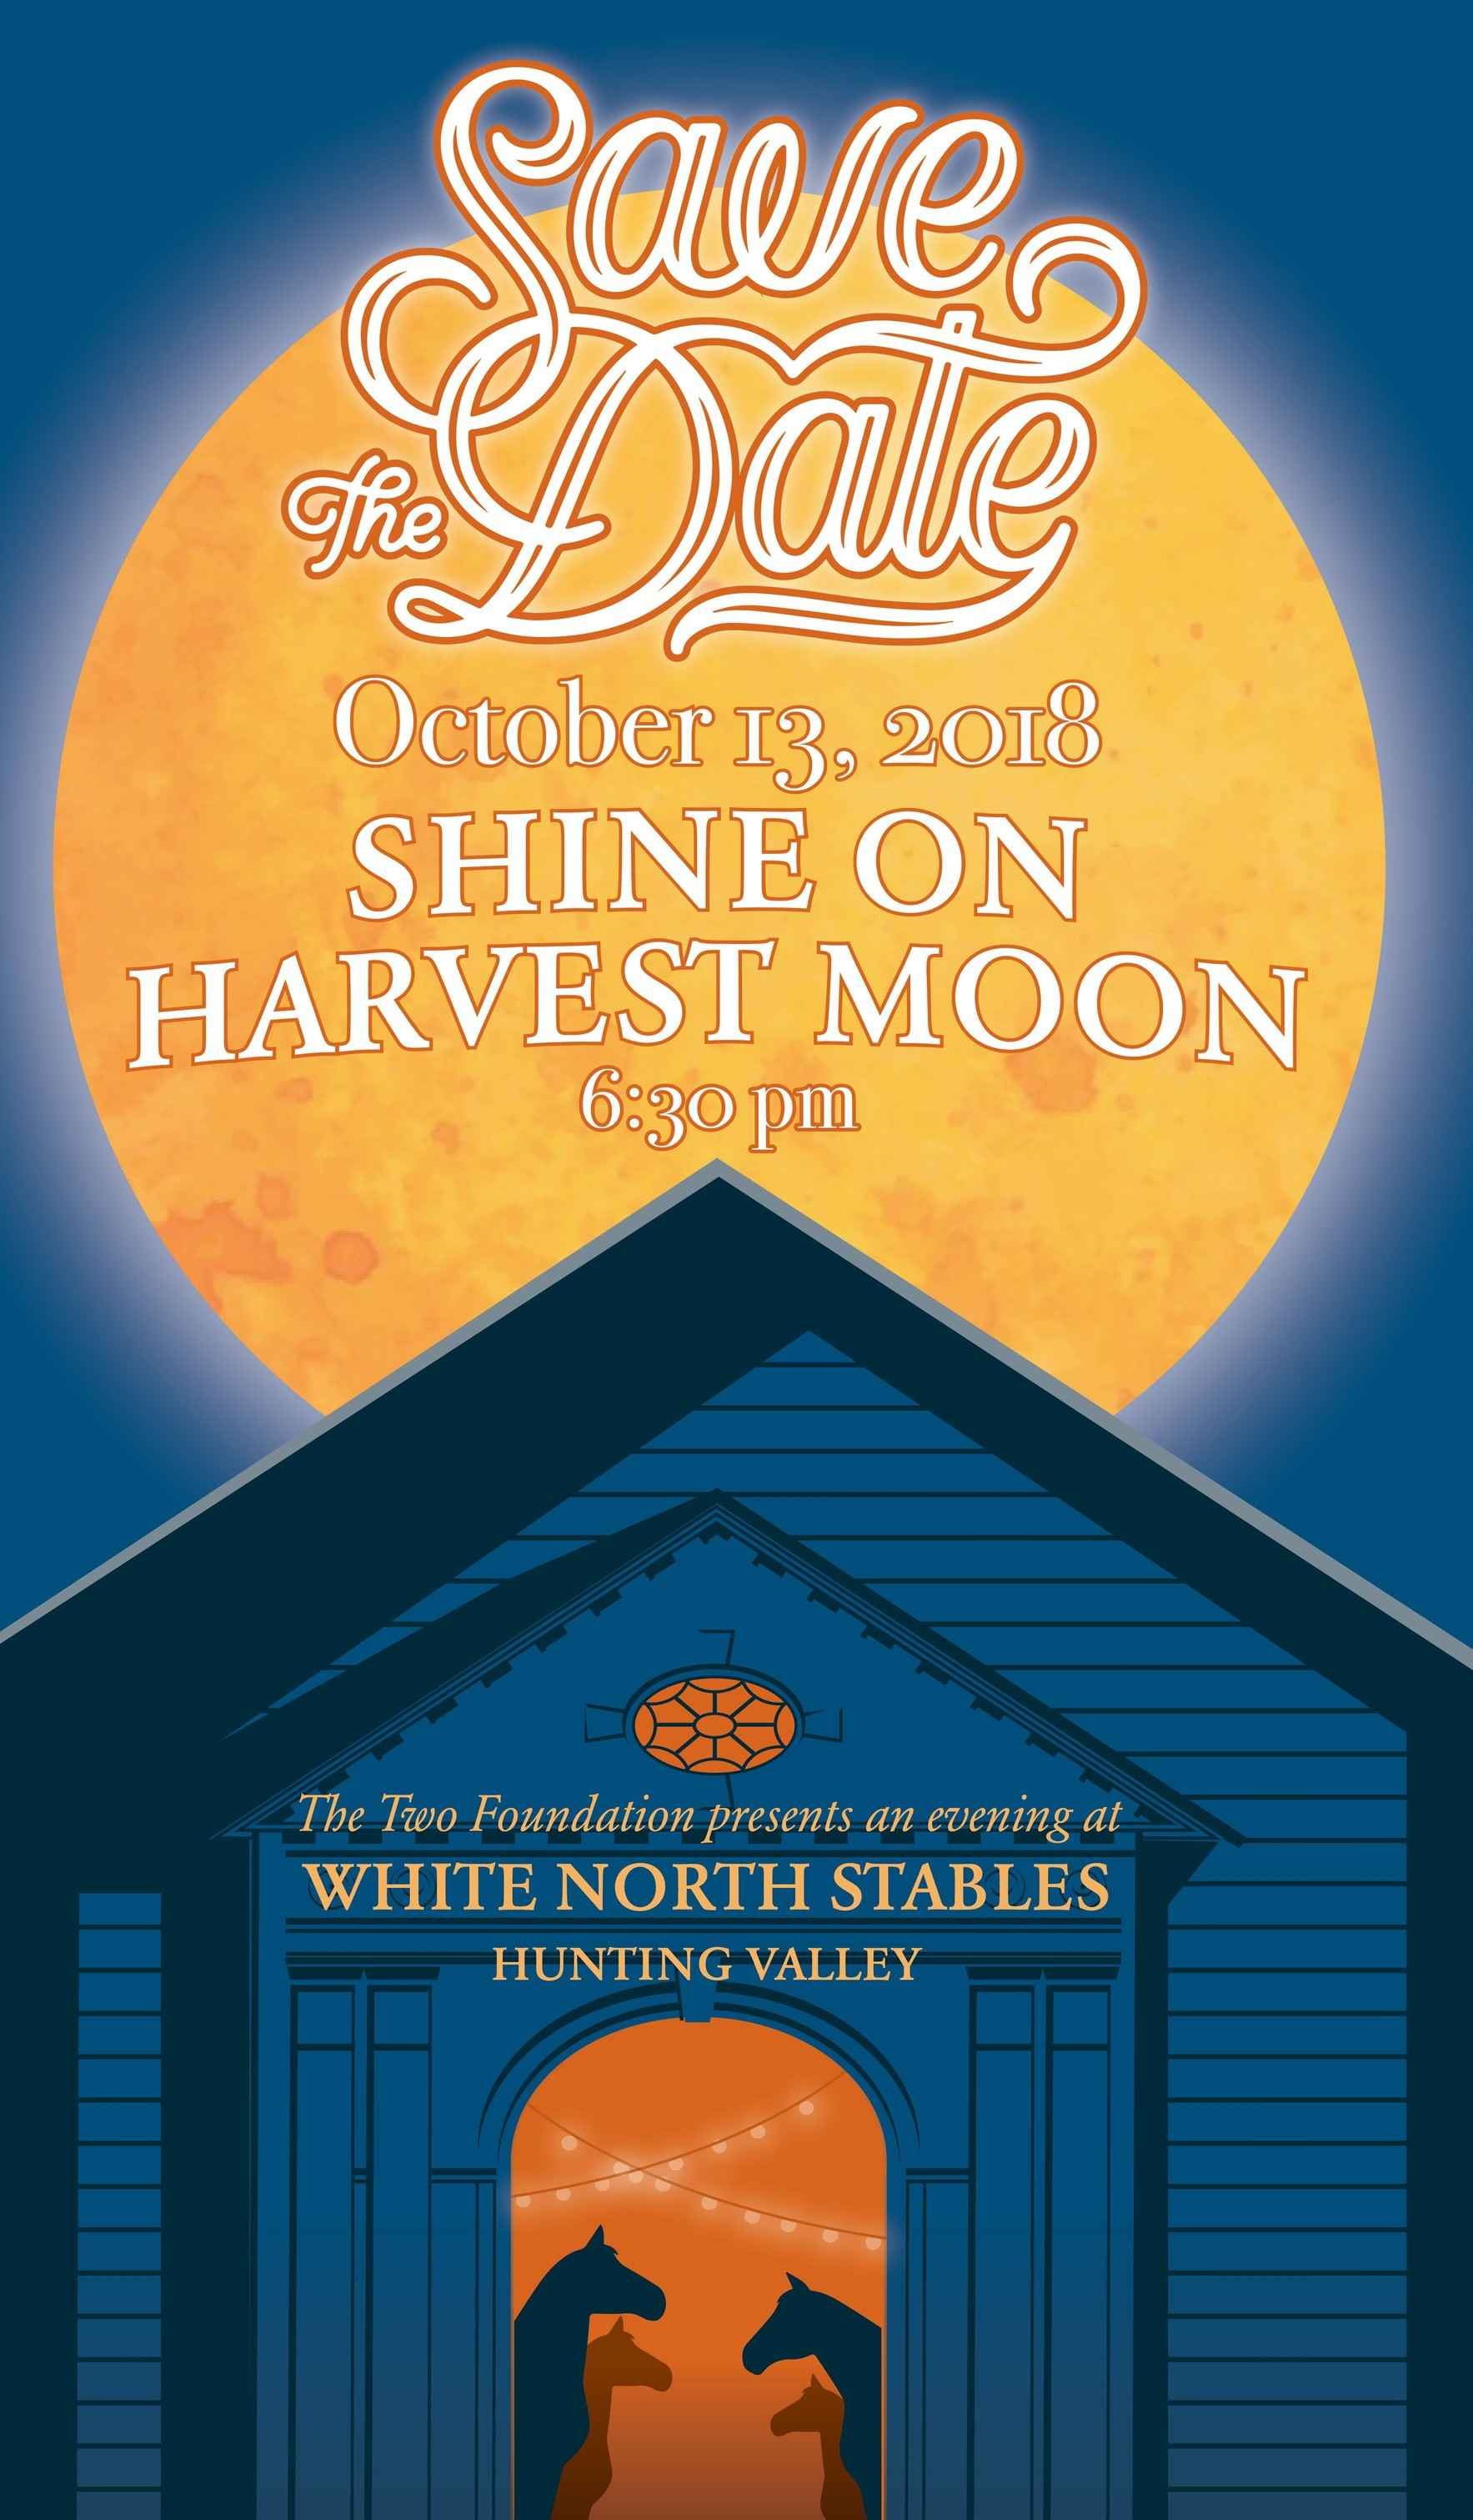 Shine on Harvest Moon image